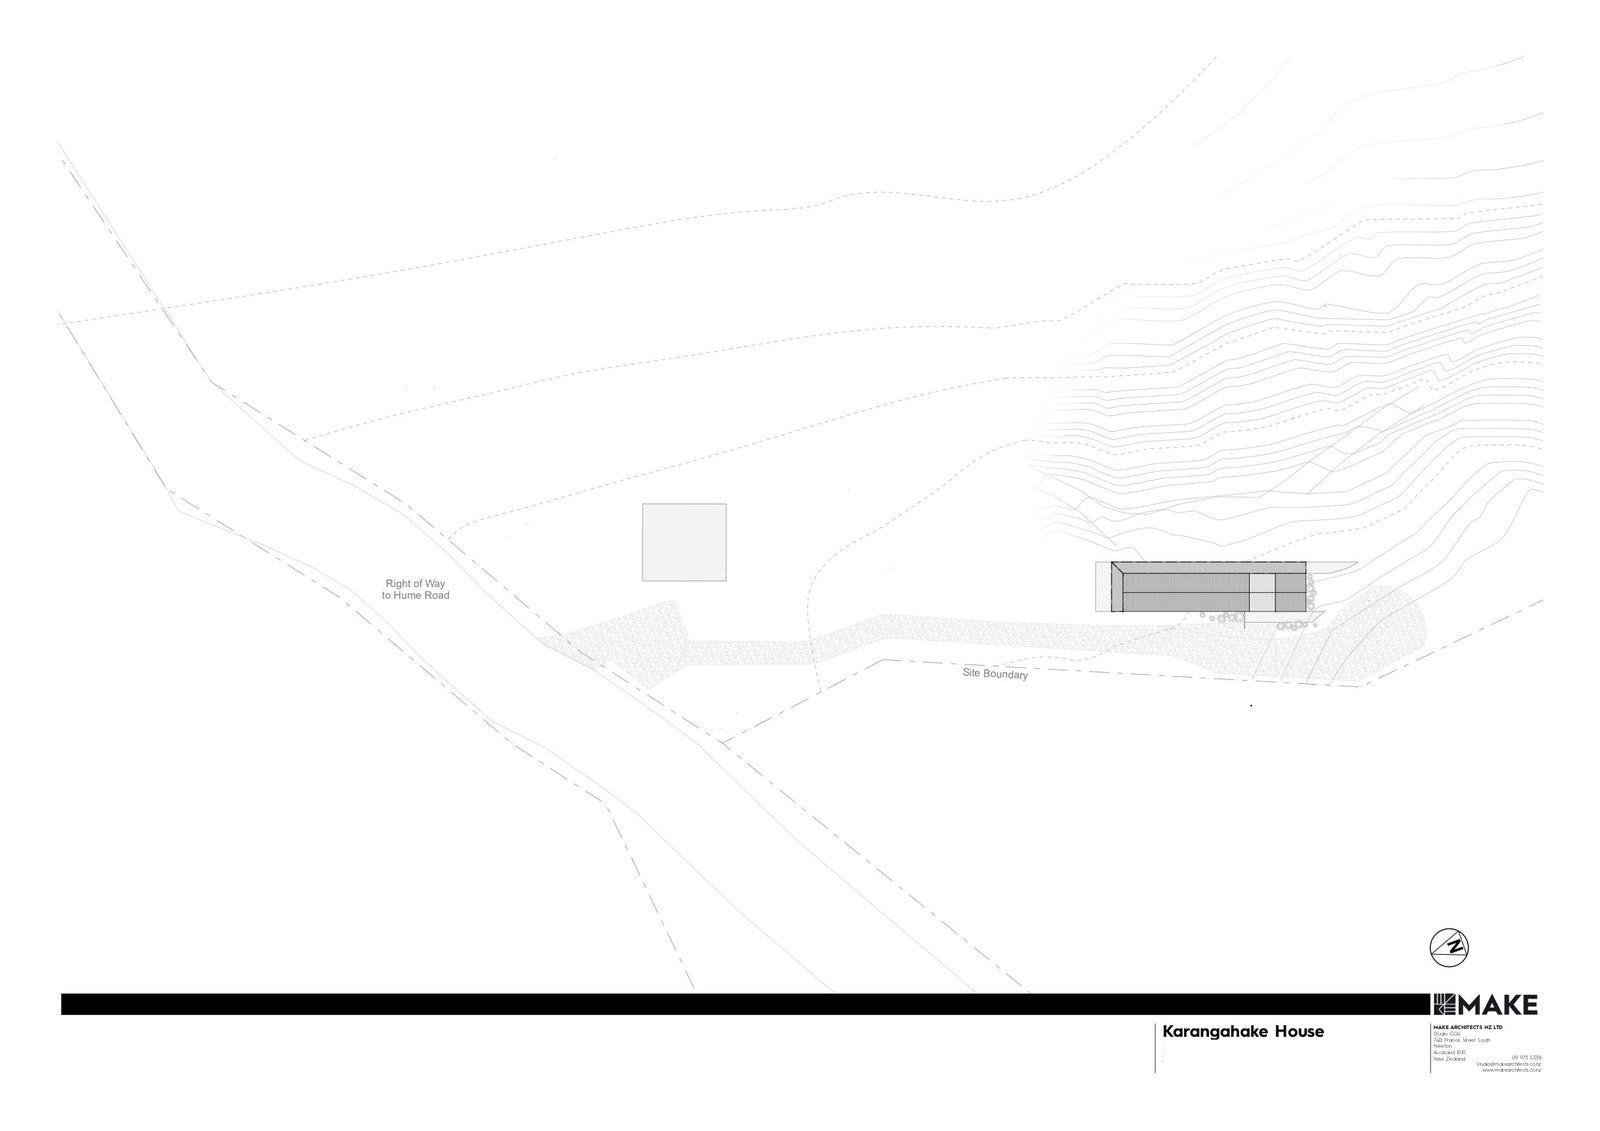 Karangahake House site plan